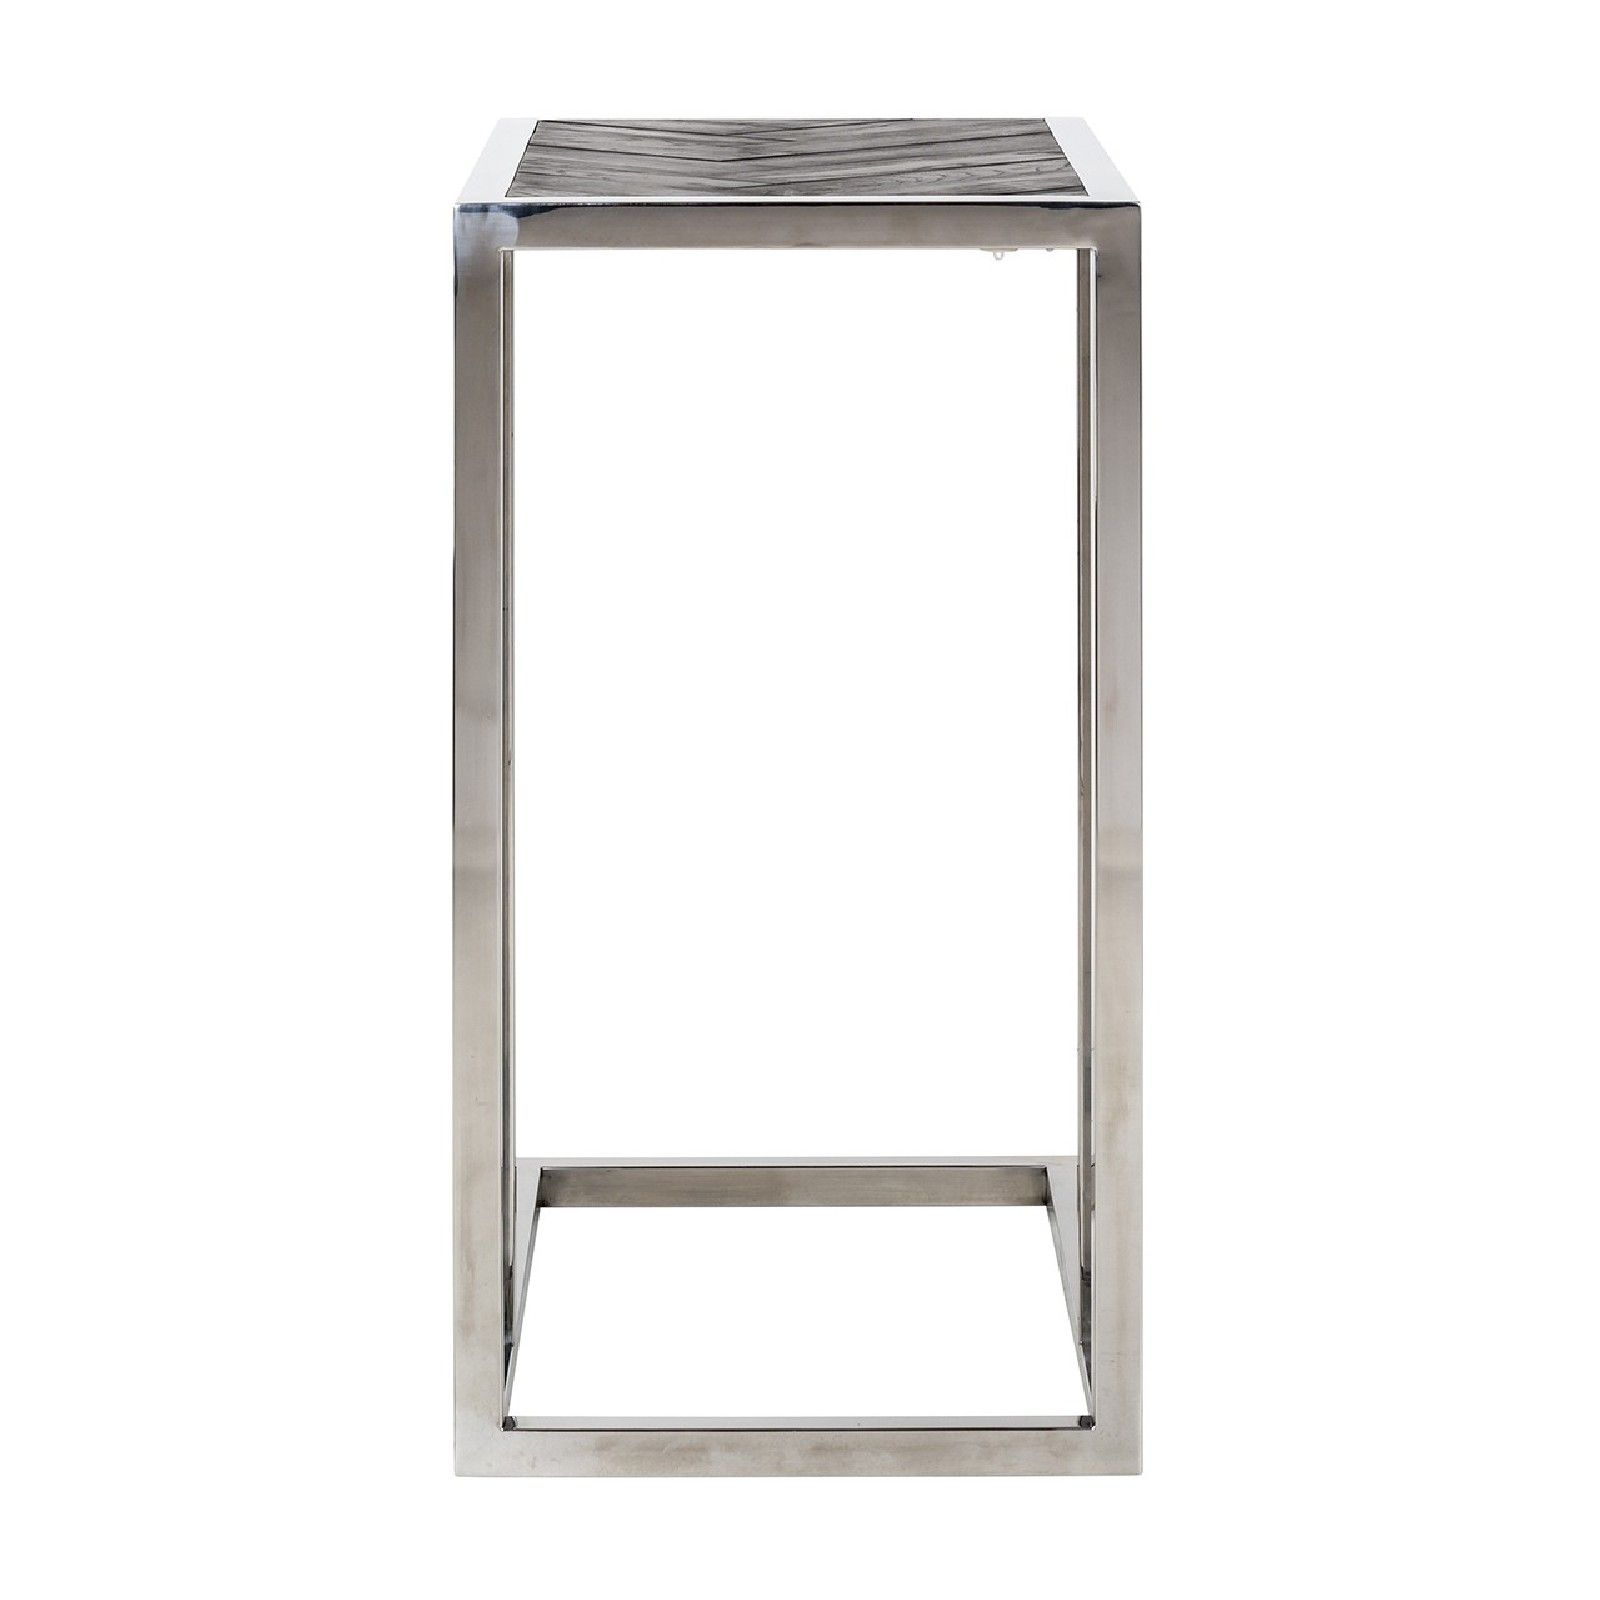 Table d'appoint Blackbone silver Meuble Déco Tendance - 598